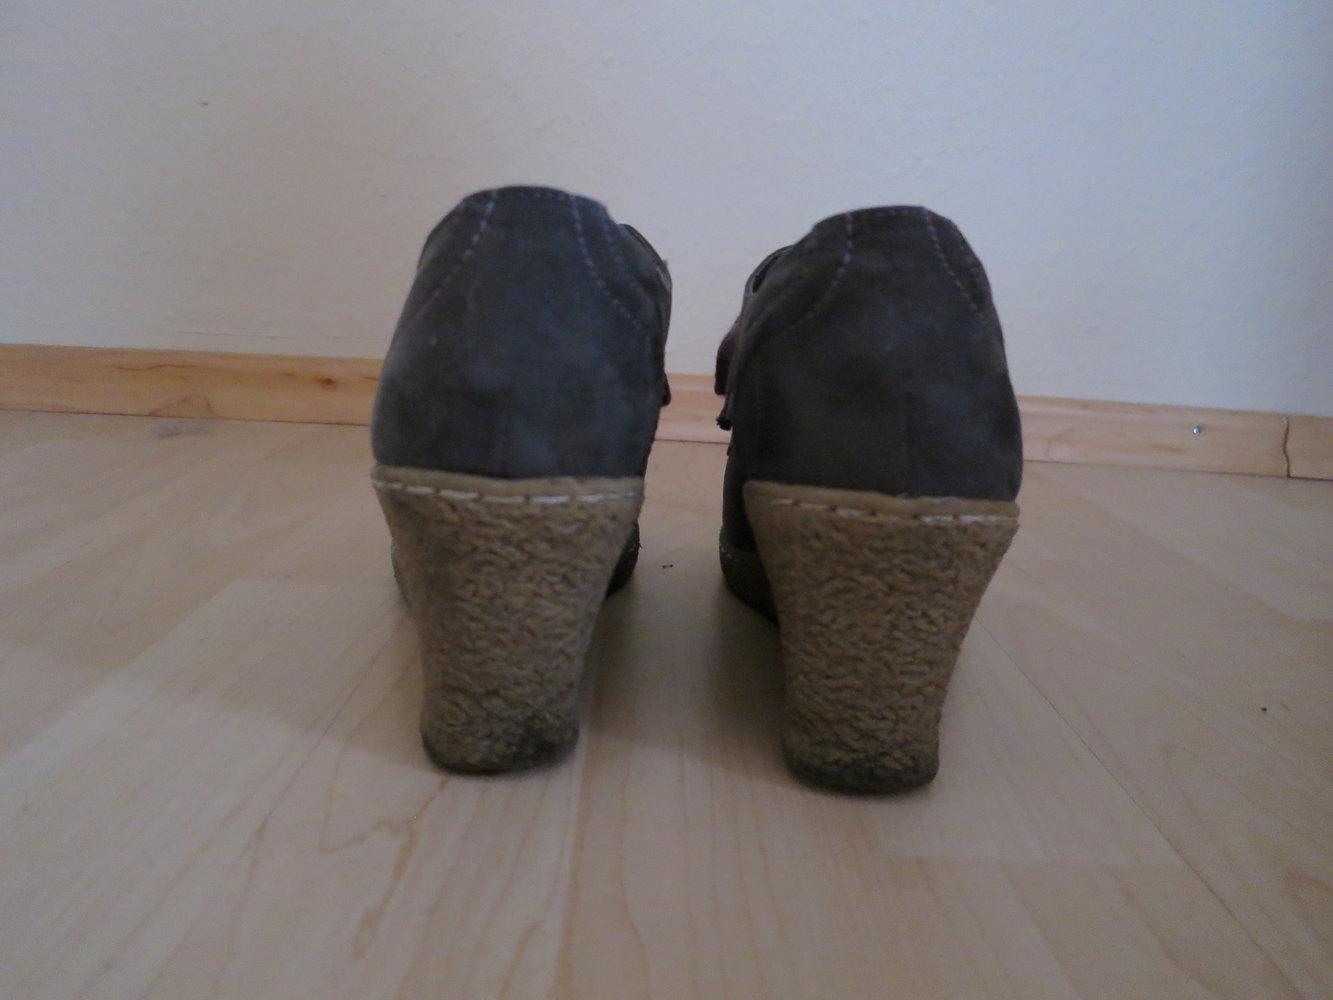 ... Keilabsatz-Stiefeletten in dunkelgrau mit lila Schuhbändeln, ... 1a19c8ae76